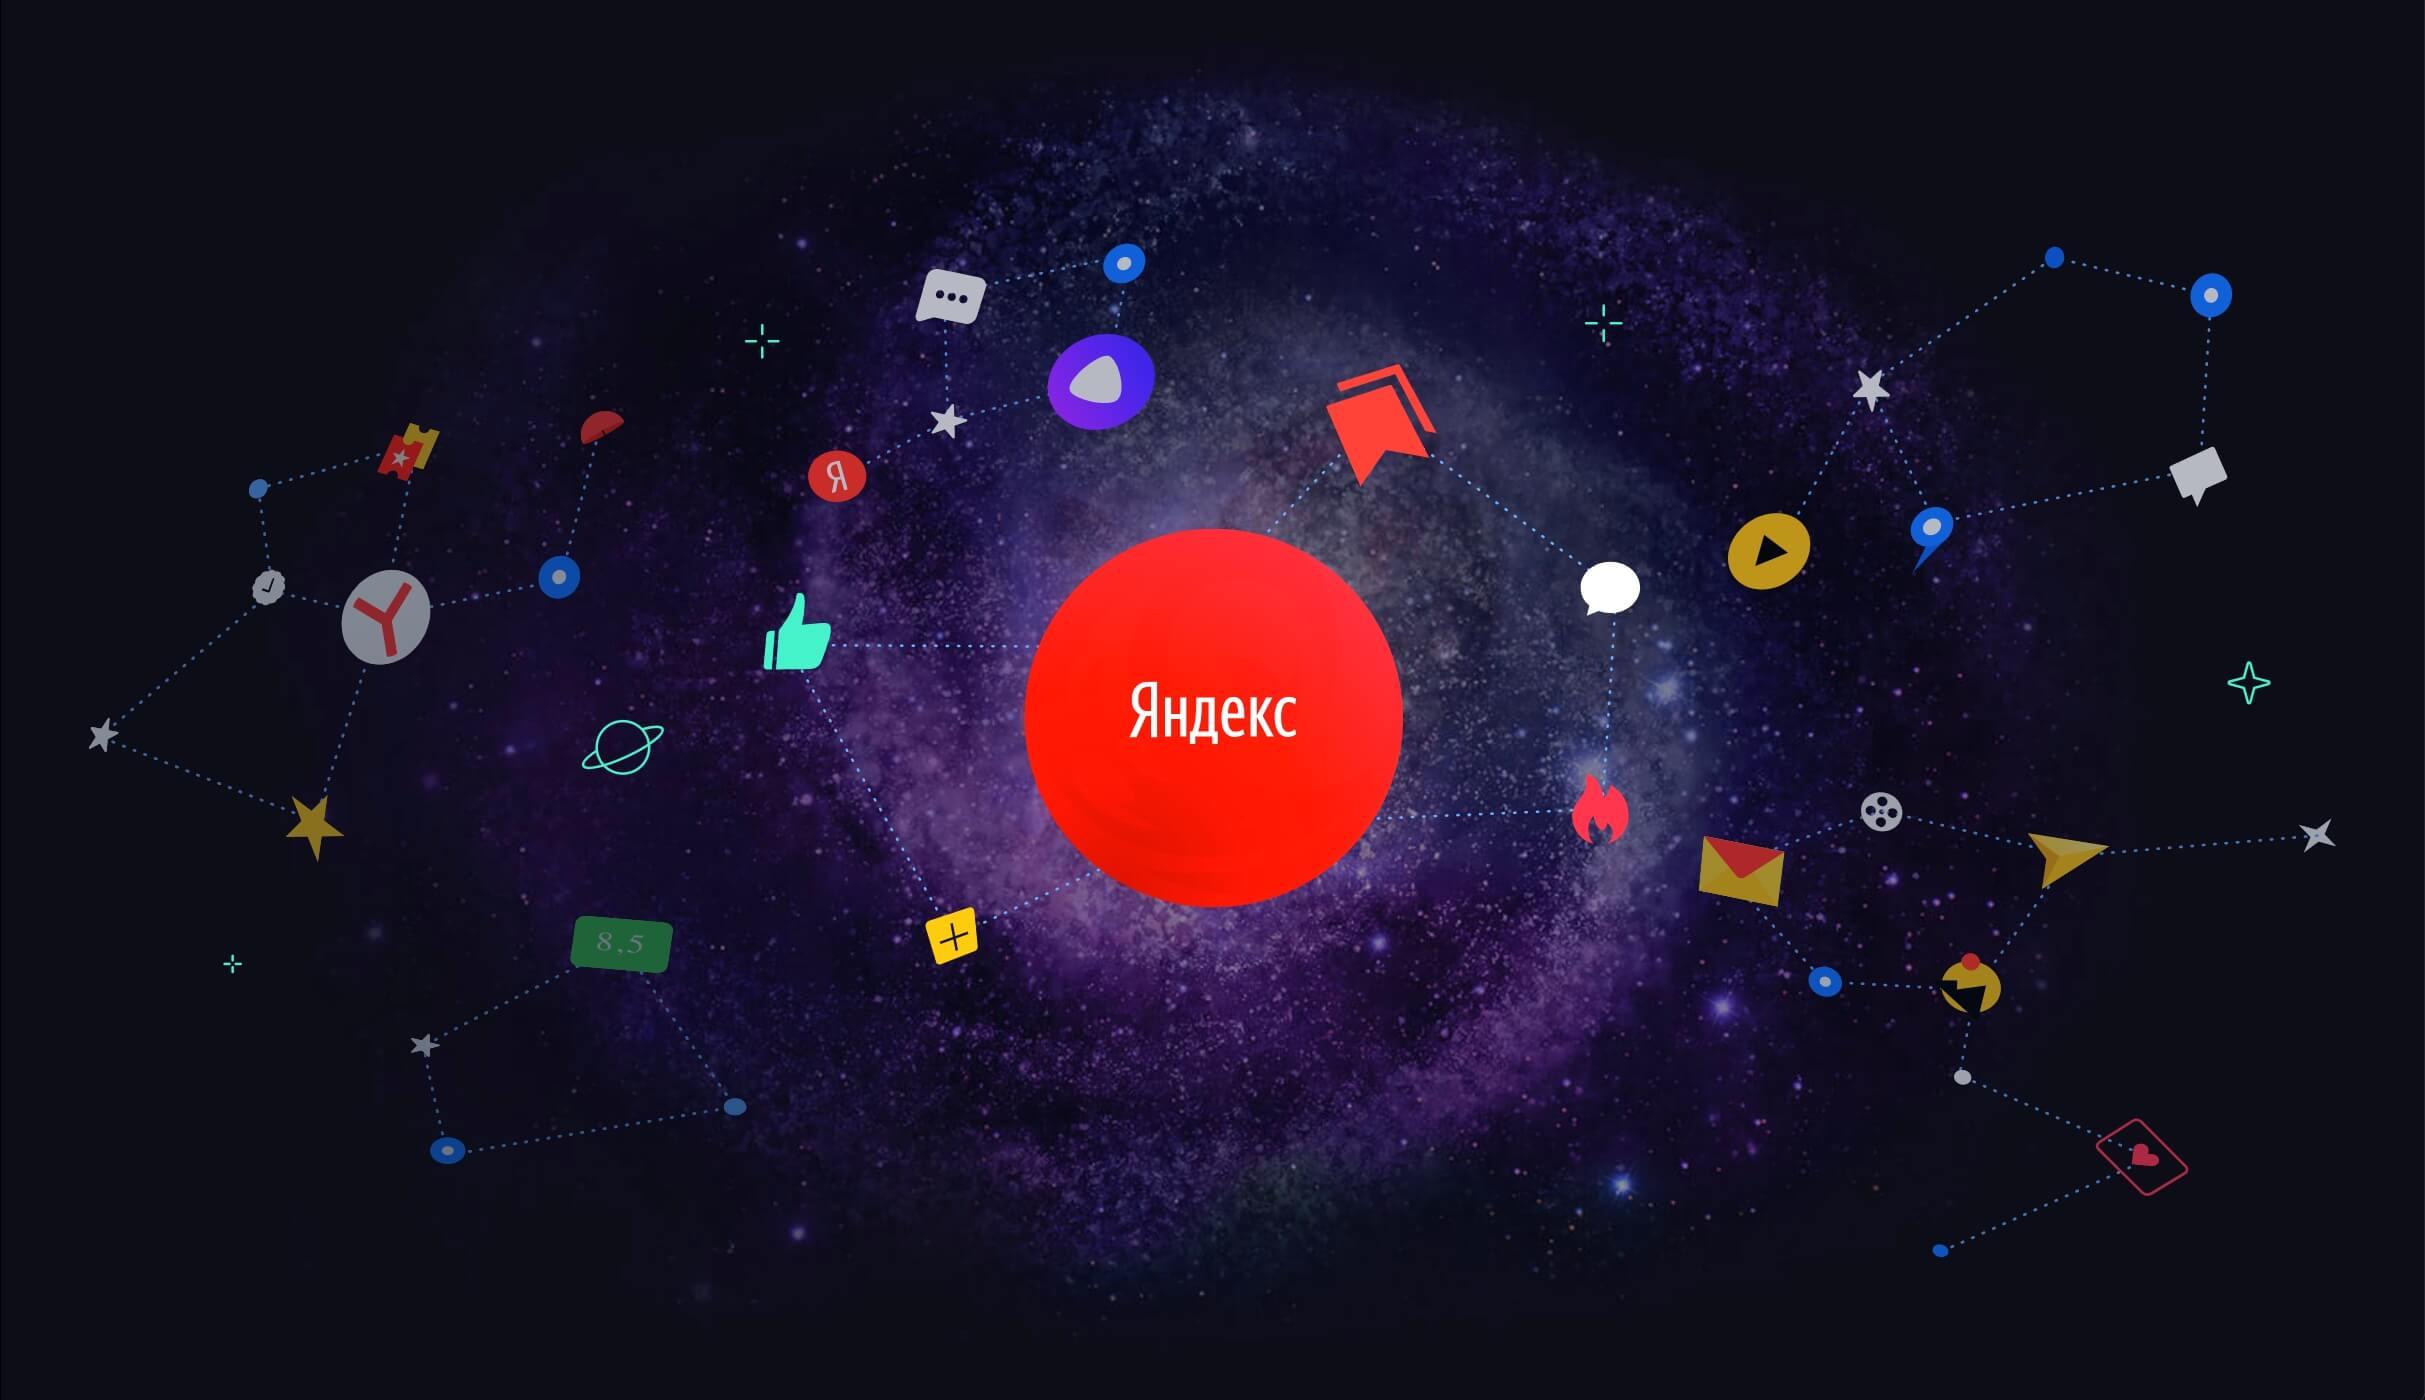 Сотрудник Яндекса слил доступ 4887 почтовых ящиков